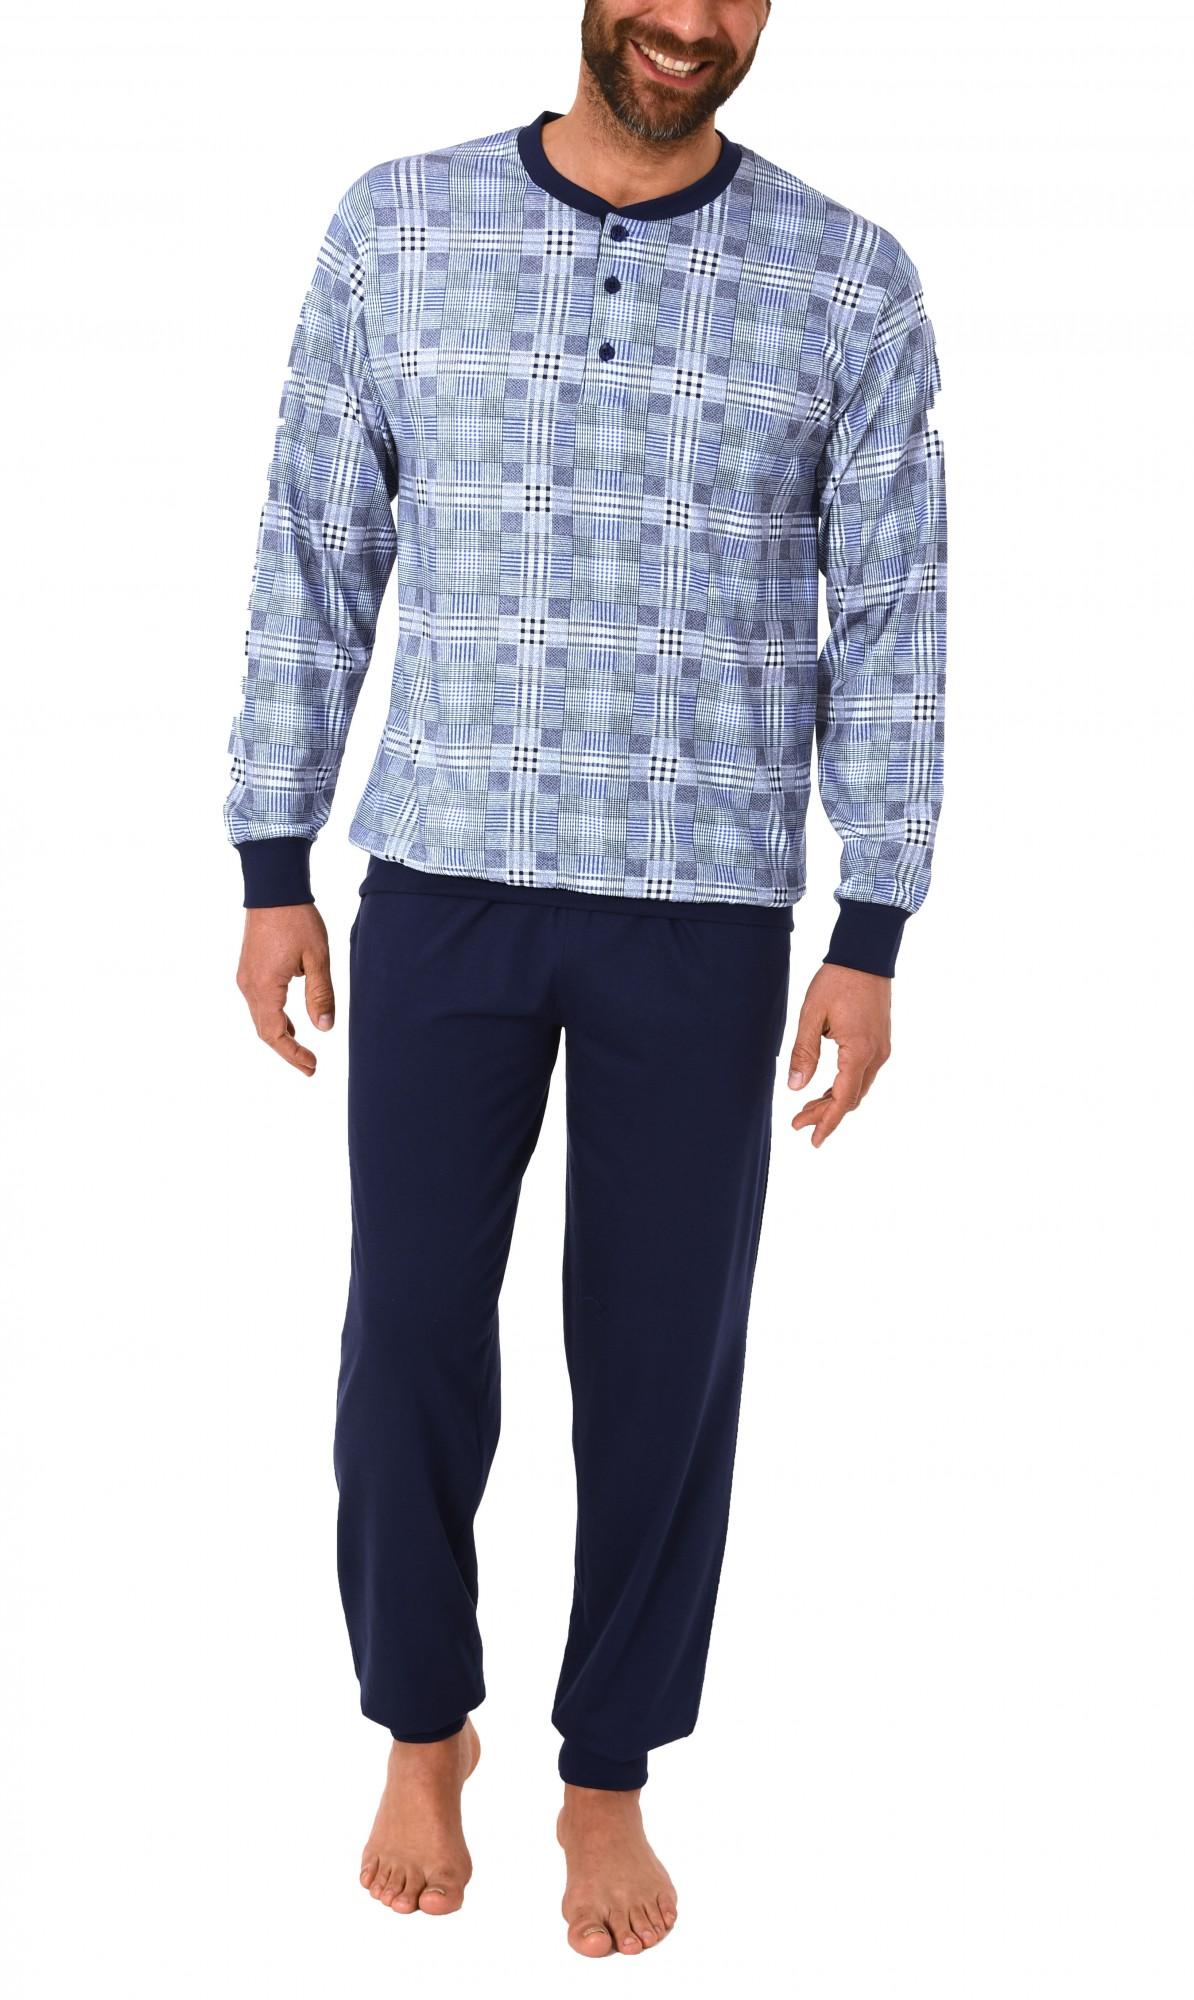 Eleganter Herren Pyjama langarm mit Bündchen Karo-Dessin 60584 – Bild 2